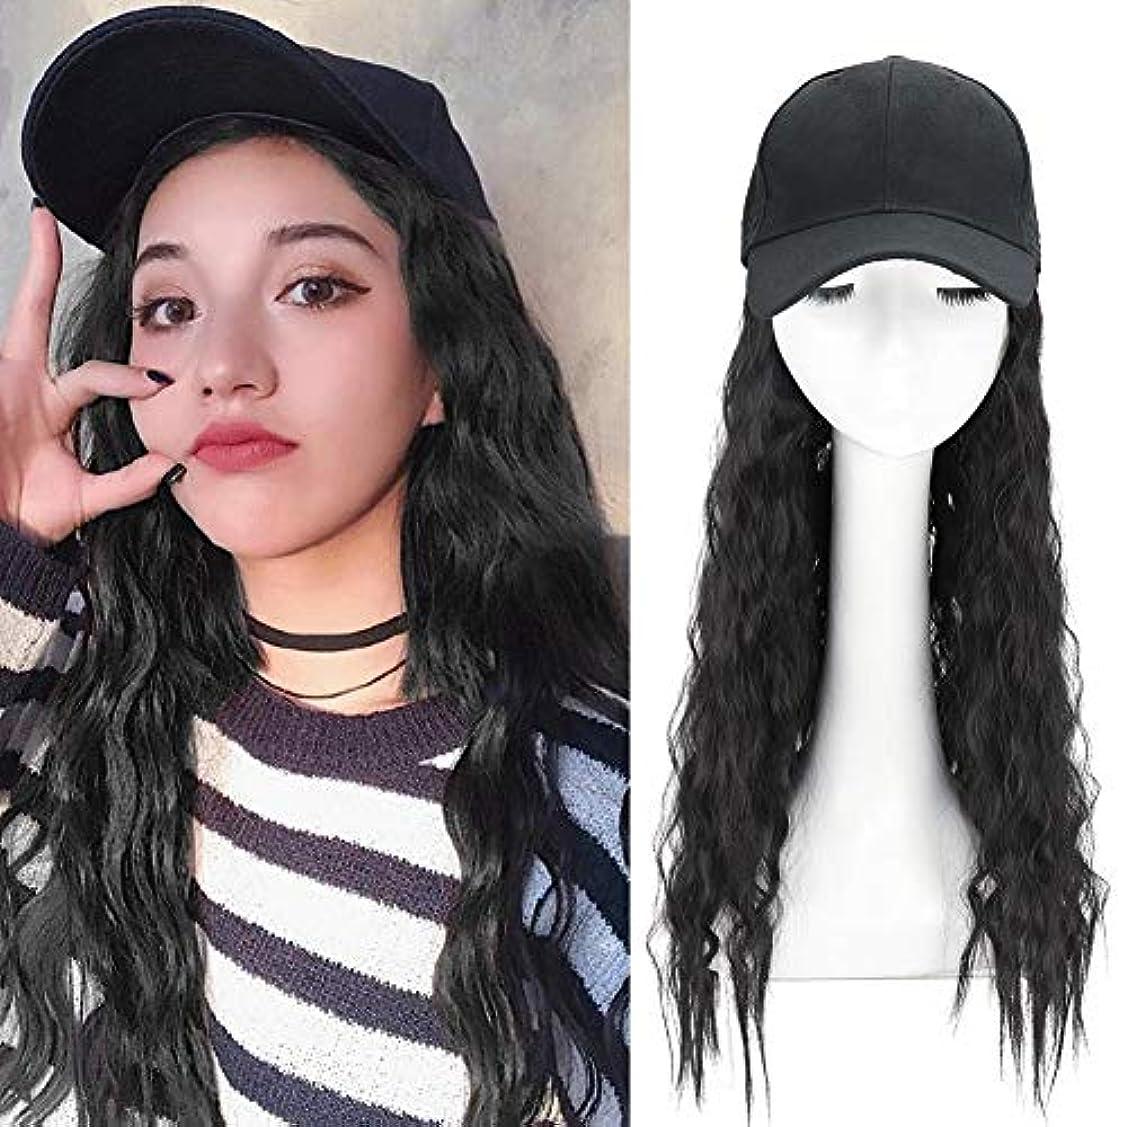 偽造辛い柔らかい長い巻き毛を持つ合成長波野球帽合成毛を持つ波状かつらキャップ女の子のための髪を持つ調整可能な野球帽帽子